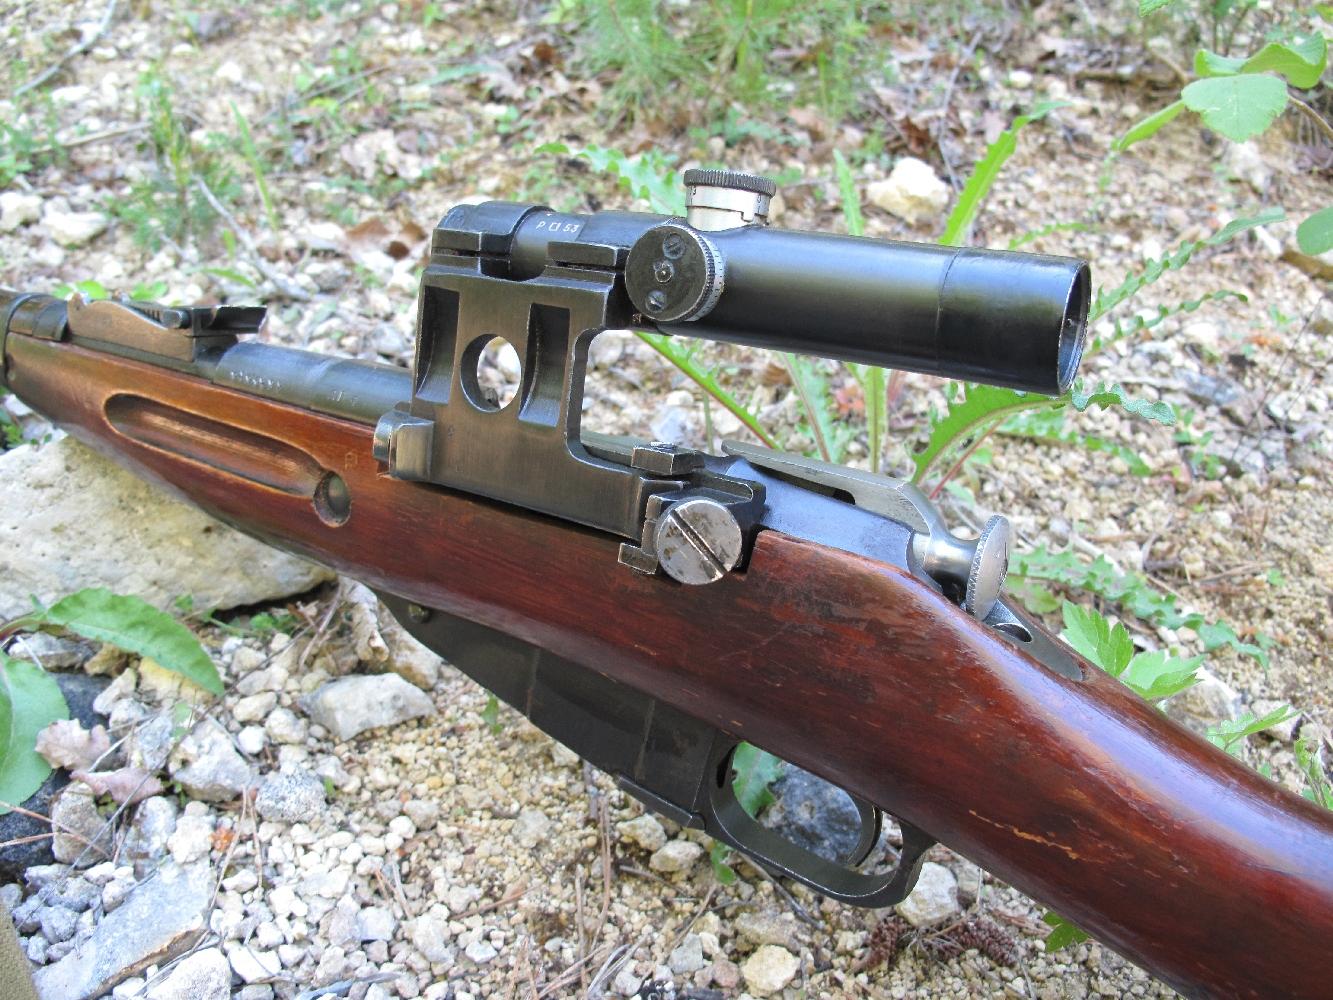 Le fusil de tireur d'élite est muni d'une courte lunette PU à grossissement 3,5 fois, solidement fixée sur le côté gauche du boîtier de culasse. L'installation de cette visée optique, qui sera en service de 1942 à 1963, implique le renforcement du boîtier de culasse et l'adoption d'un levier de manœuvre allongé et coudé.